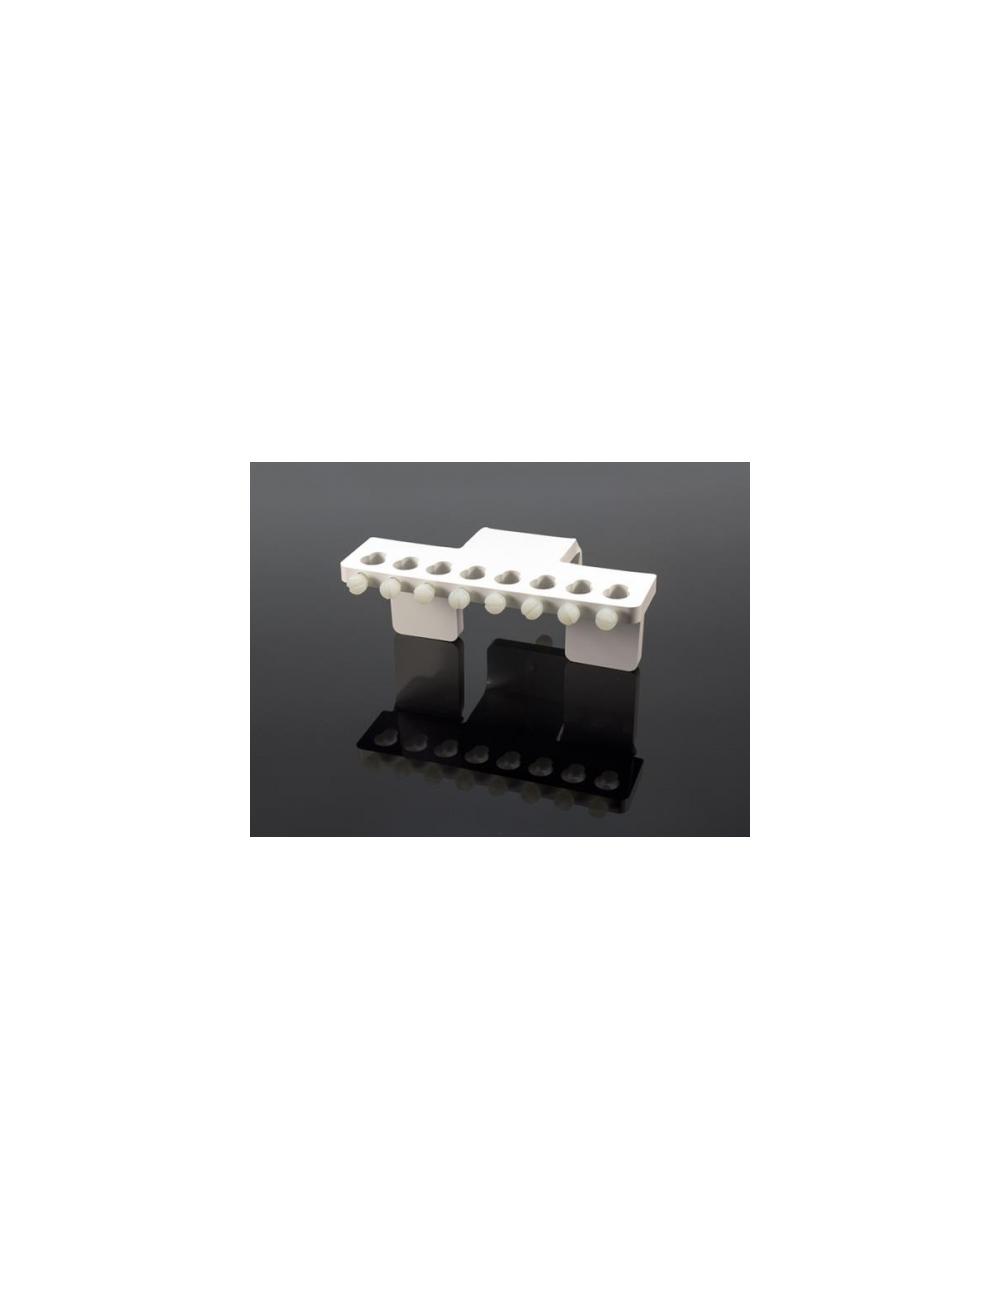 AQUACONNECT - Support de fixation pour 8 tuyaux de pompes doseuses